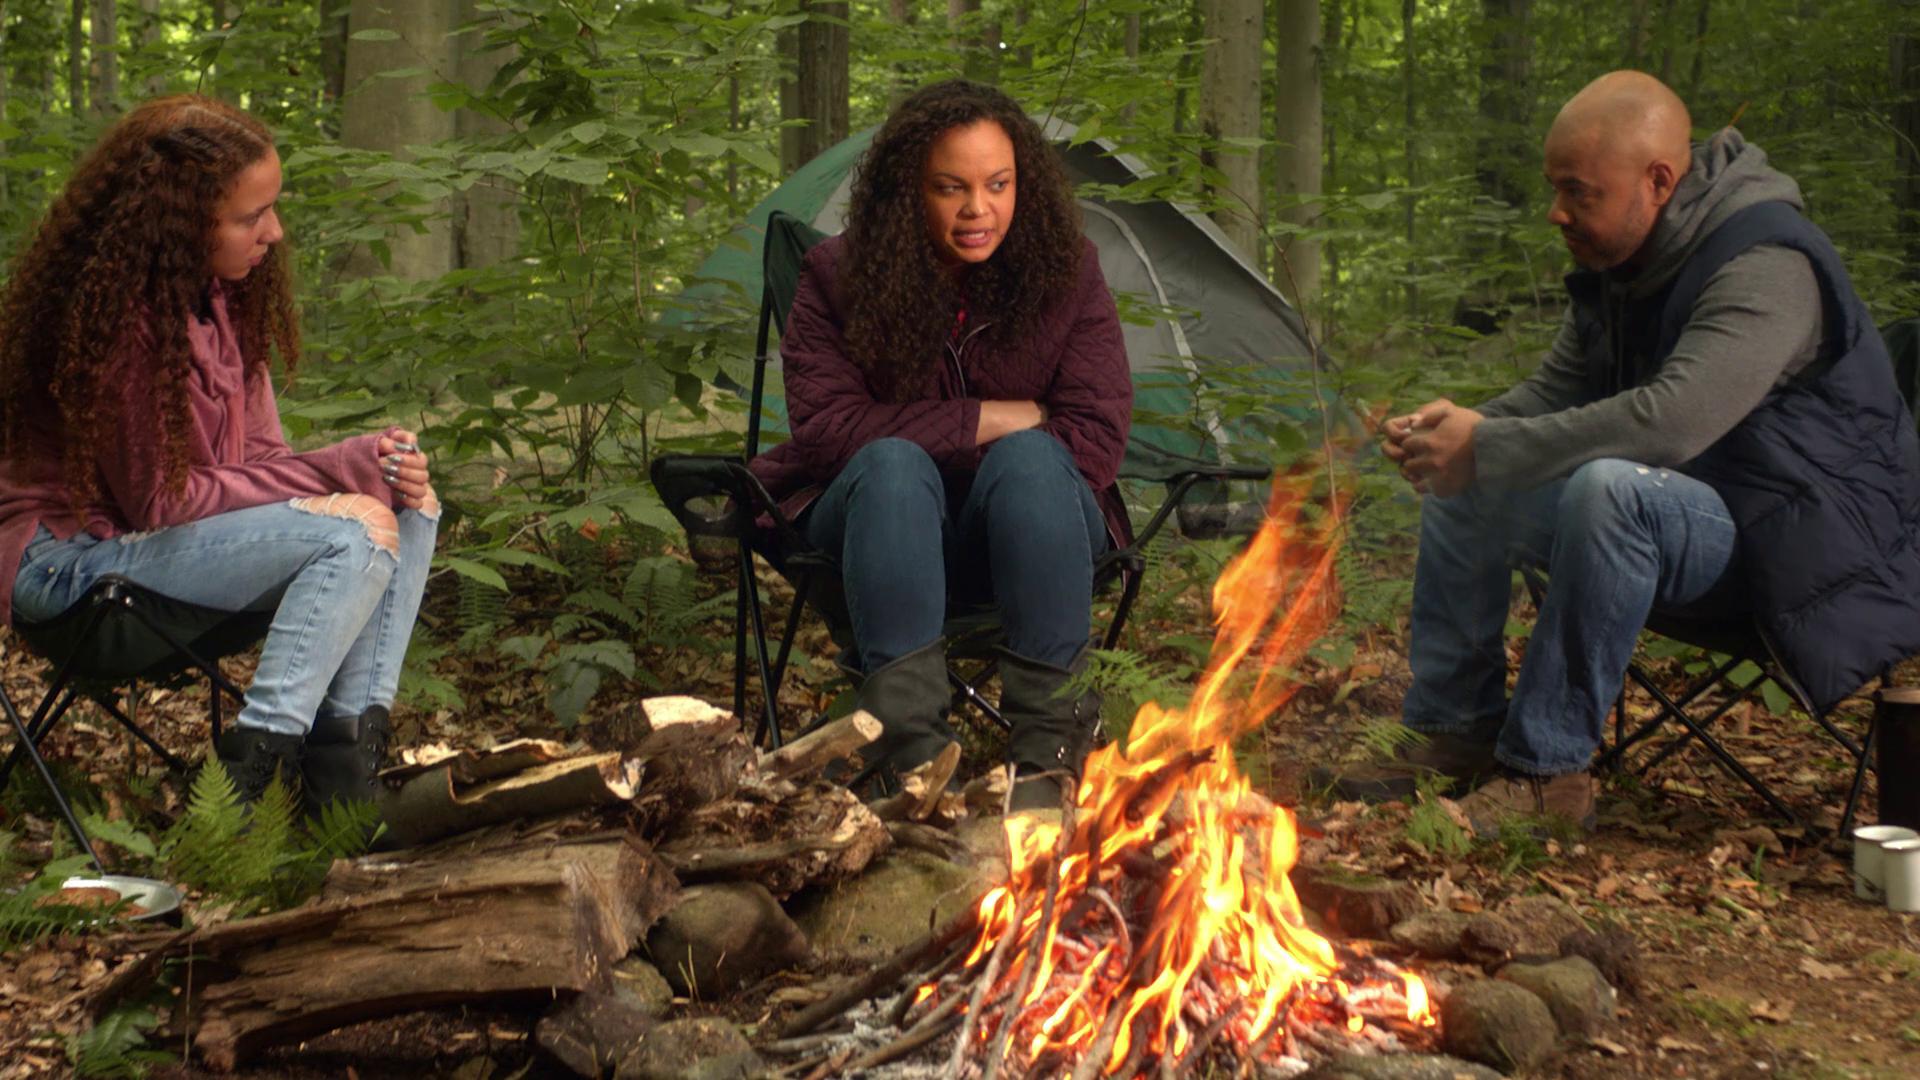 Ovum Film Still 10 - Camping.png